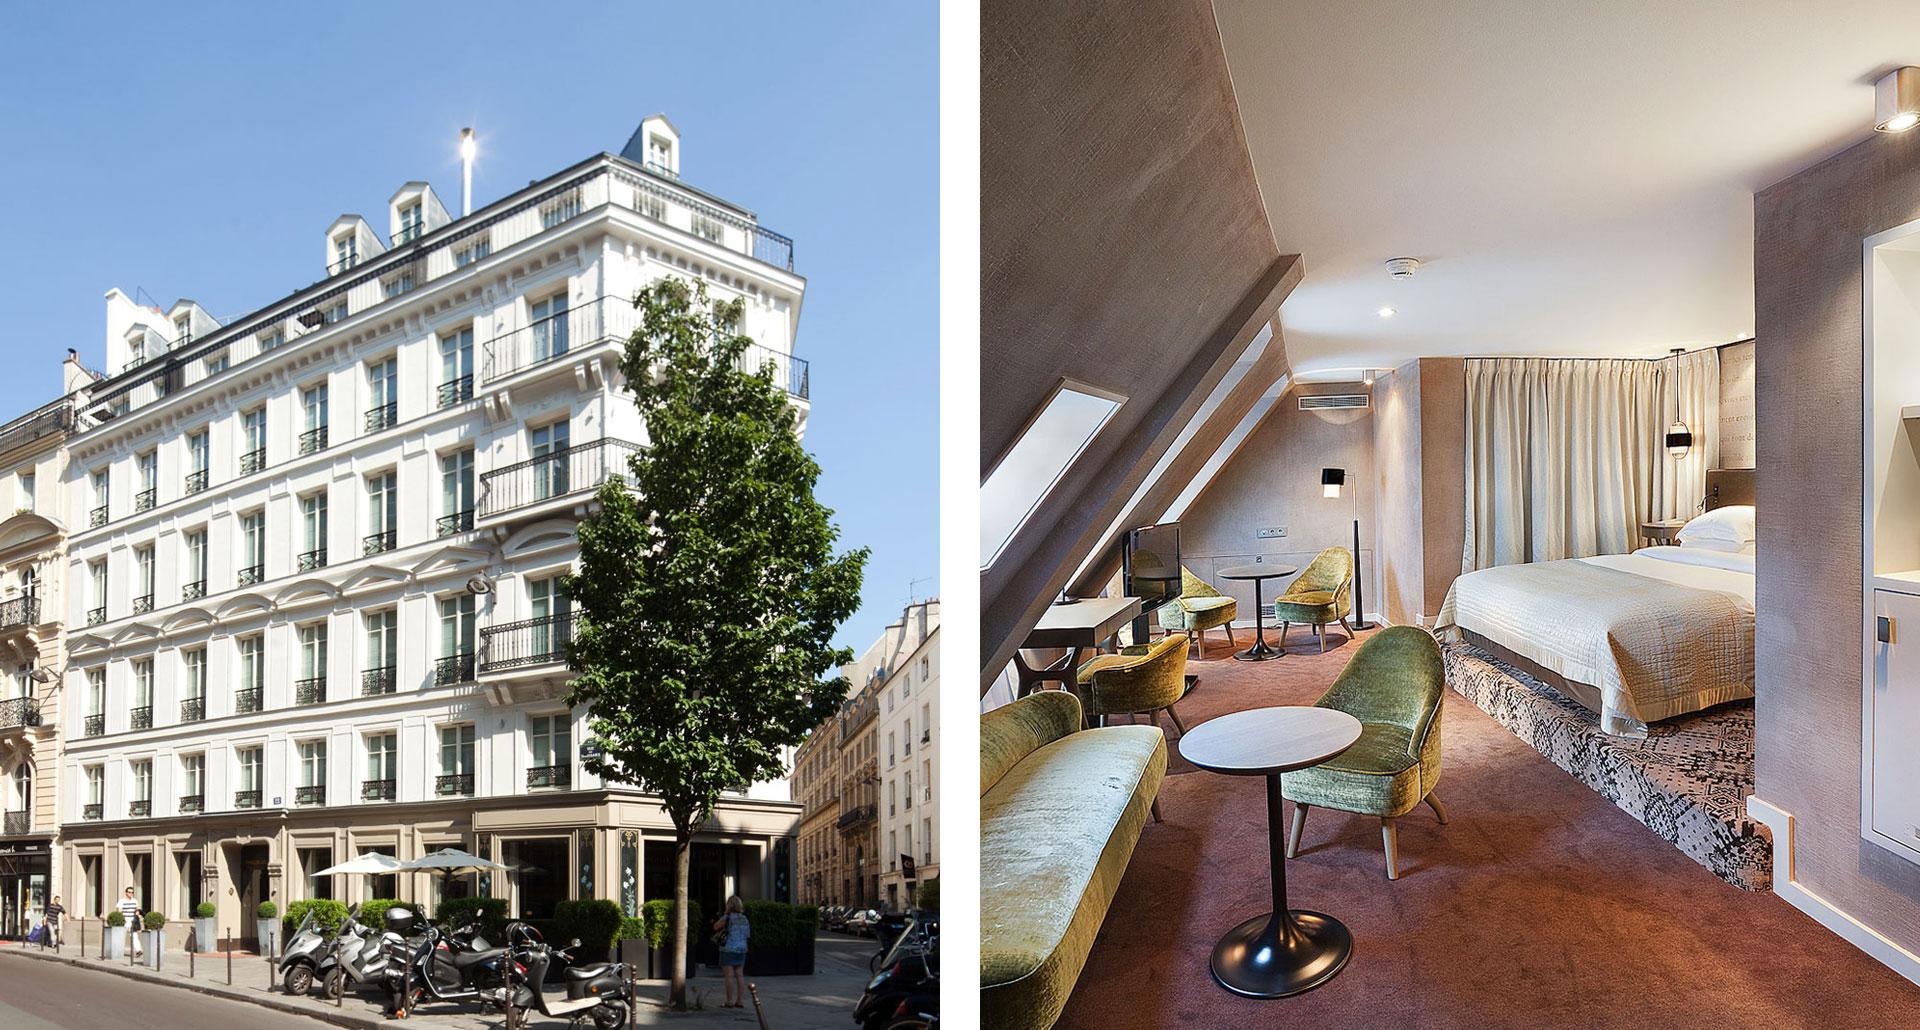 Le Pavillon des Lettres - boutique hotel in Paris